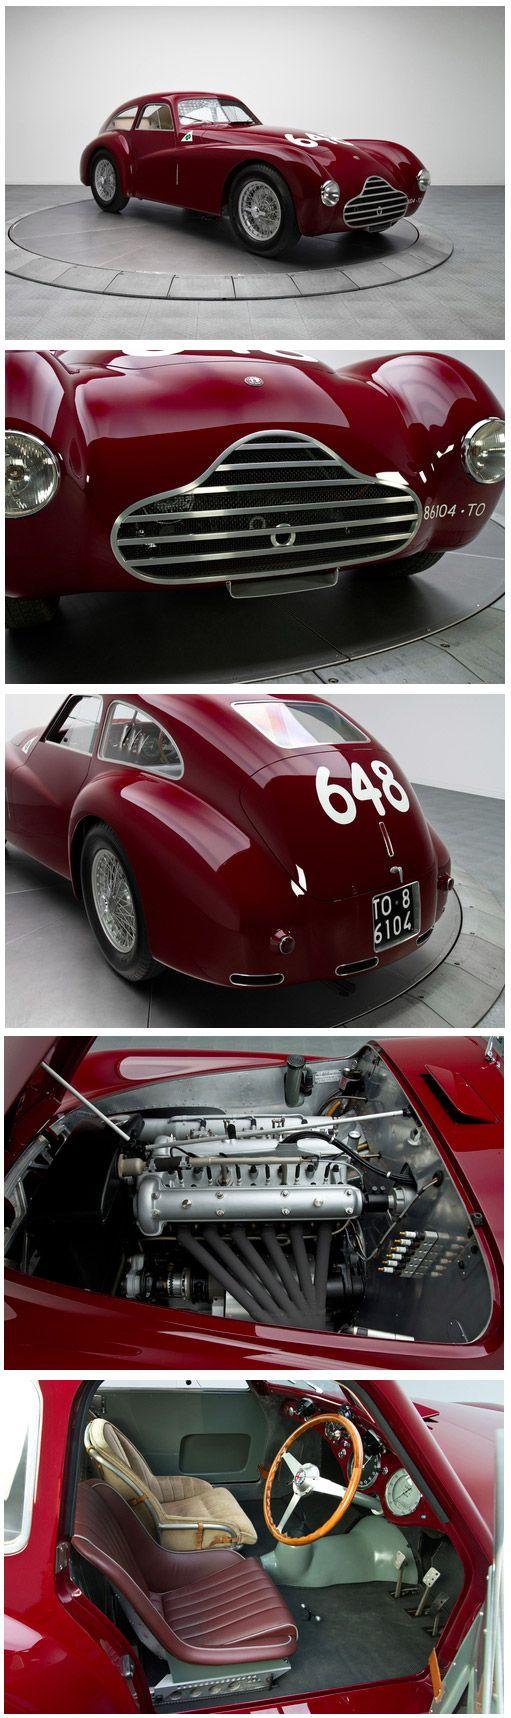 1950 .. Mille Miglia , an Alfa Romeo 6C 2500 Competizione driven by Fangio and Zanardi finished 3rd o/a.